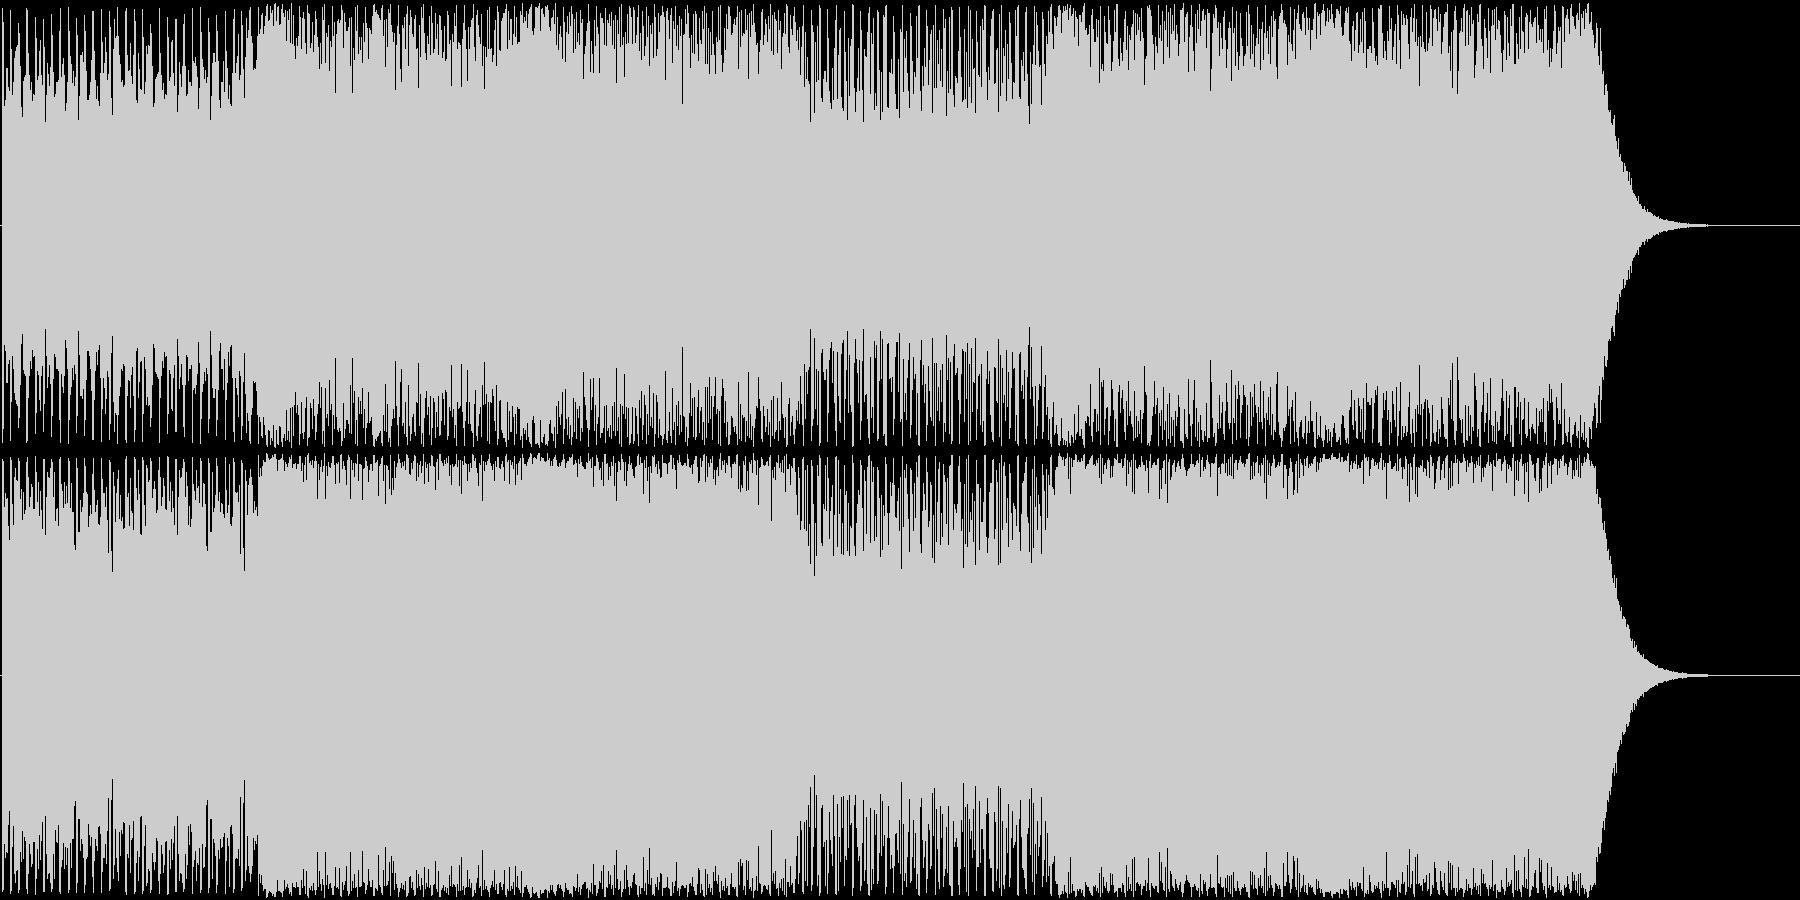 シリアスかつパワフルなEDMの未再生の波形